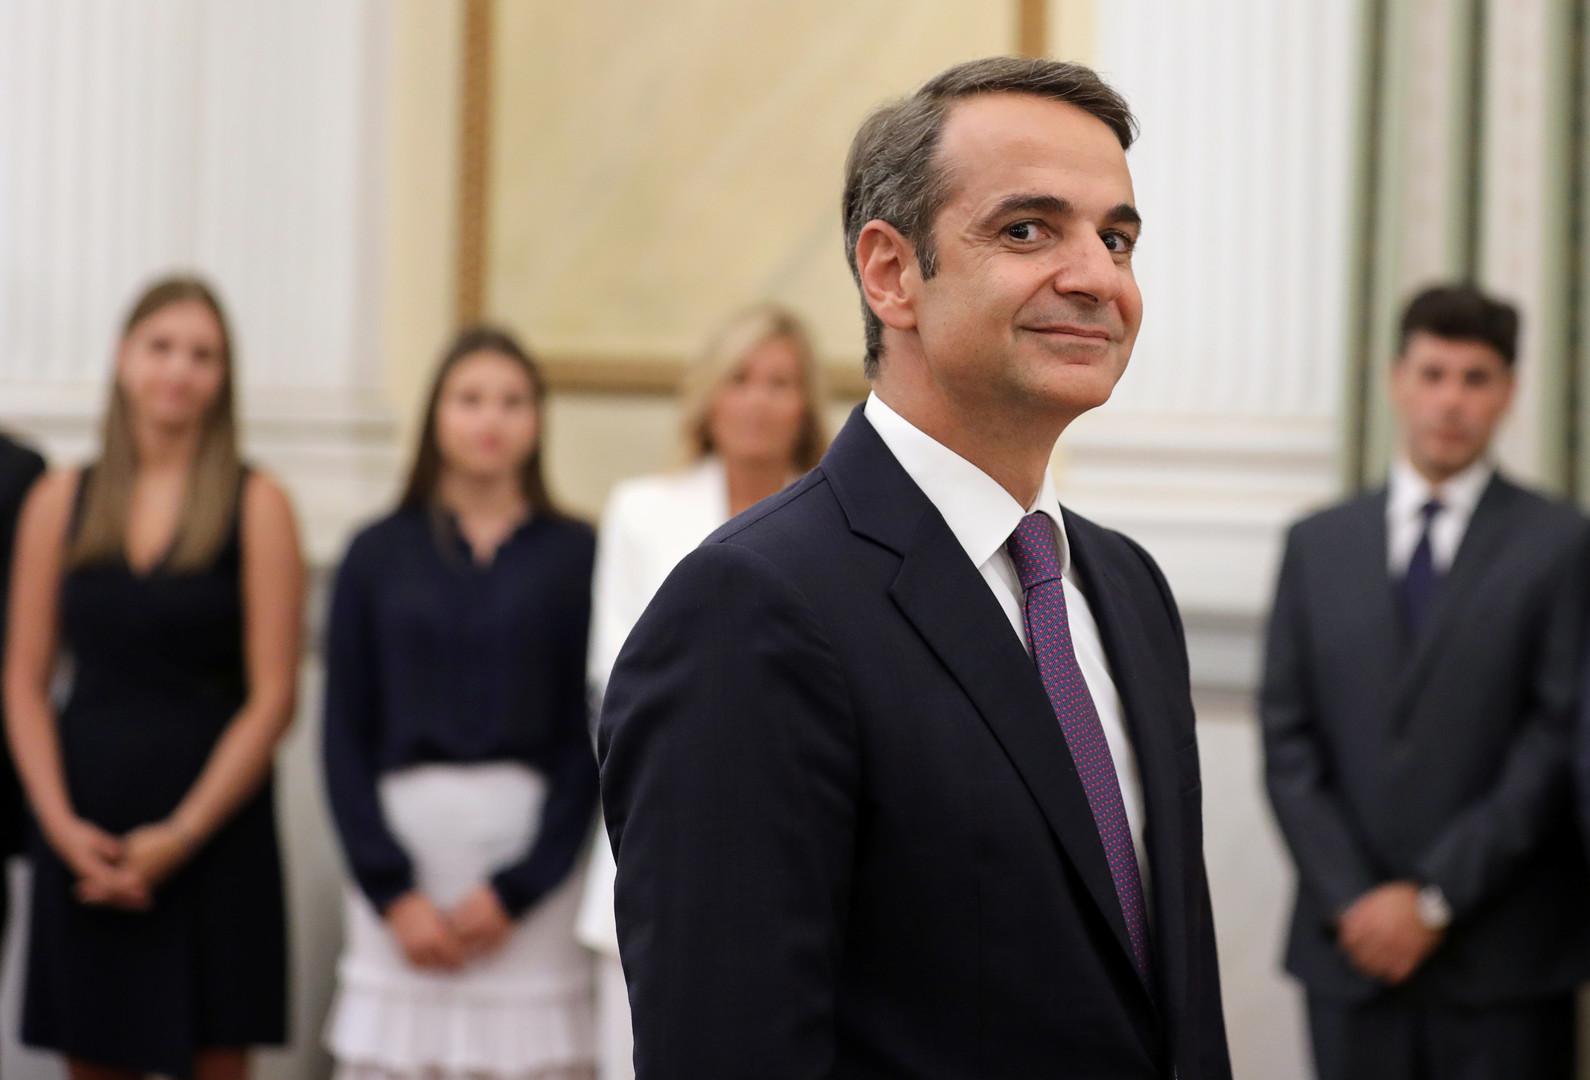 رئيس وزراء اليونان الجديد كرياكوس ميتسوتاكيس